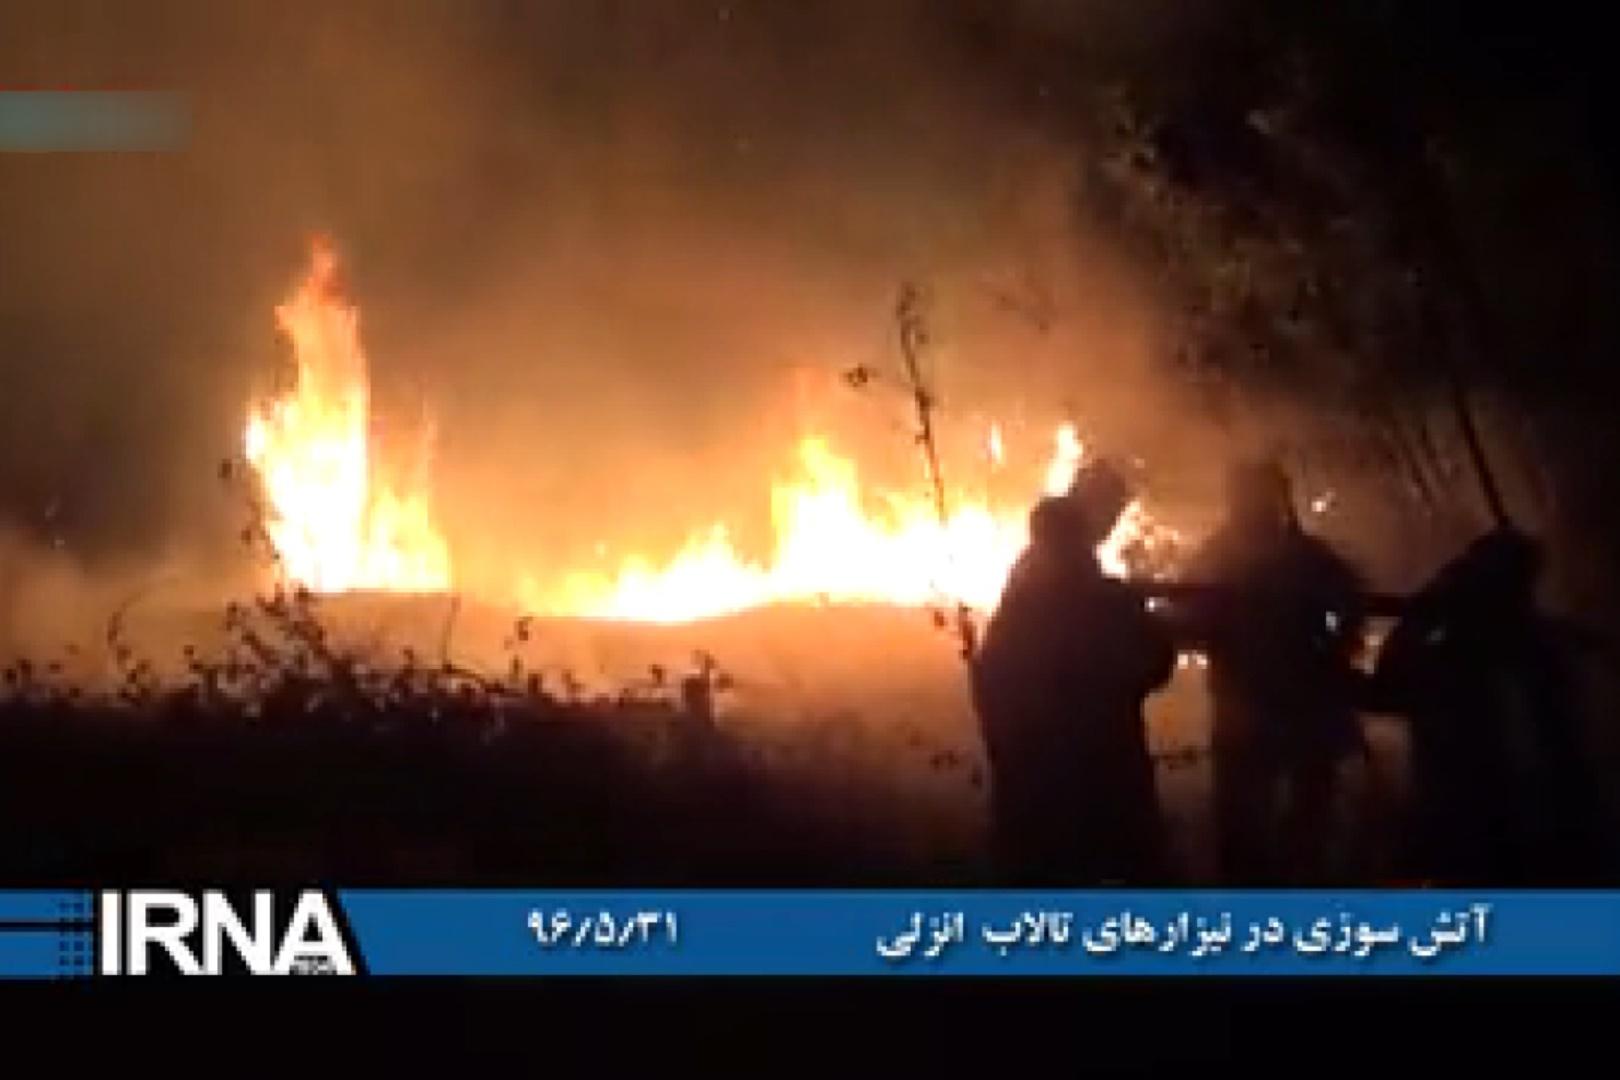 فیلم   آتشسوزی عمدی در نیزار های تالاب انزلی